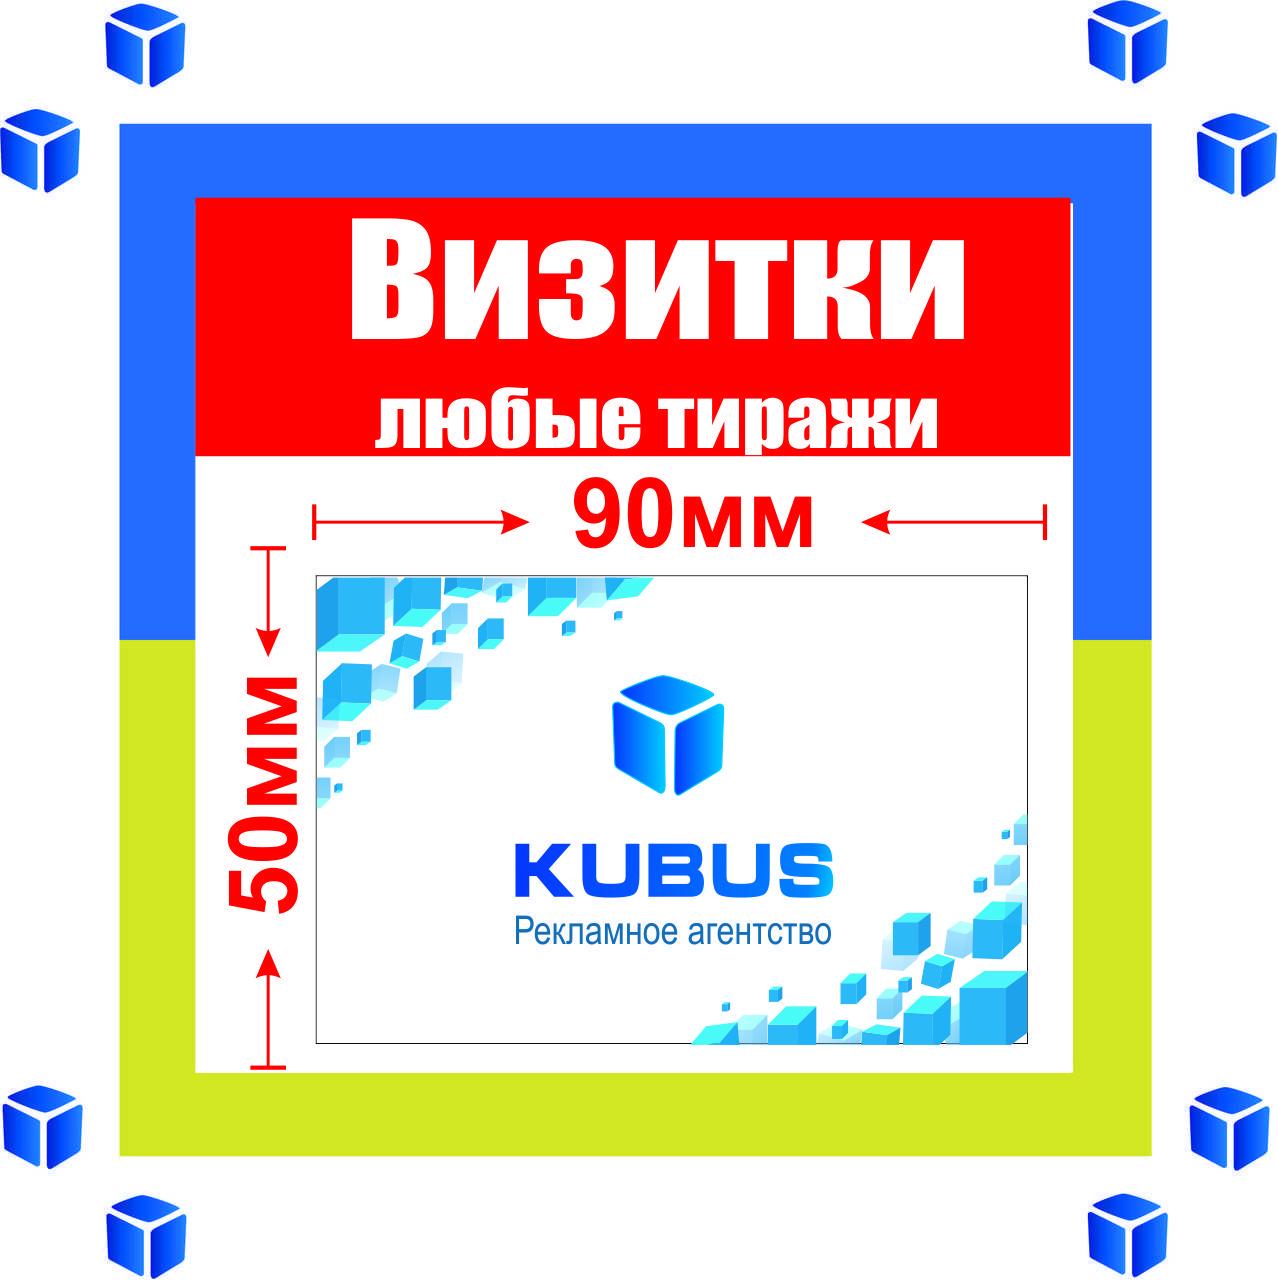 Визитки цветные двухсторонние 2000 шт(любые тиражи, матовая  ламинация/ 3 дня)